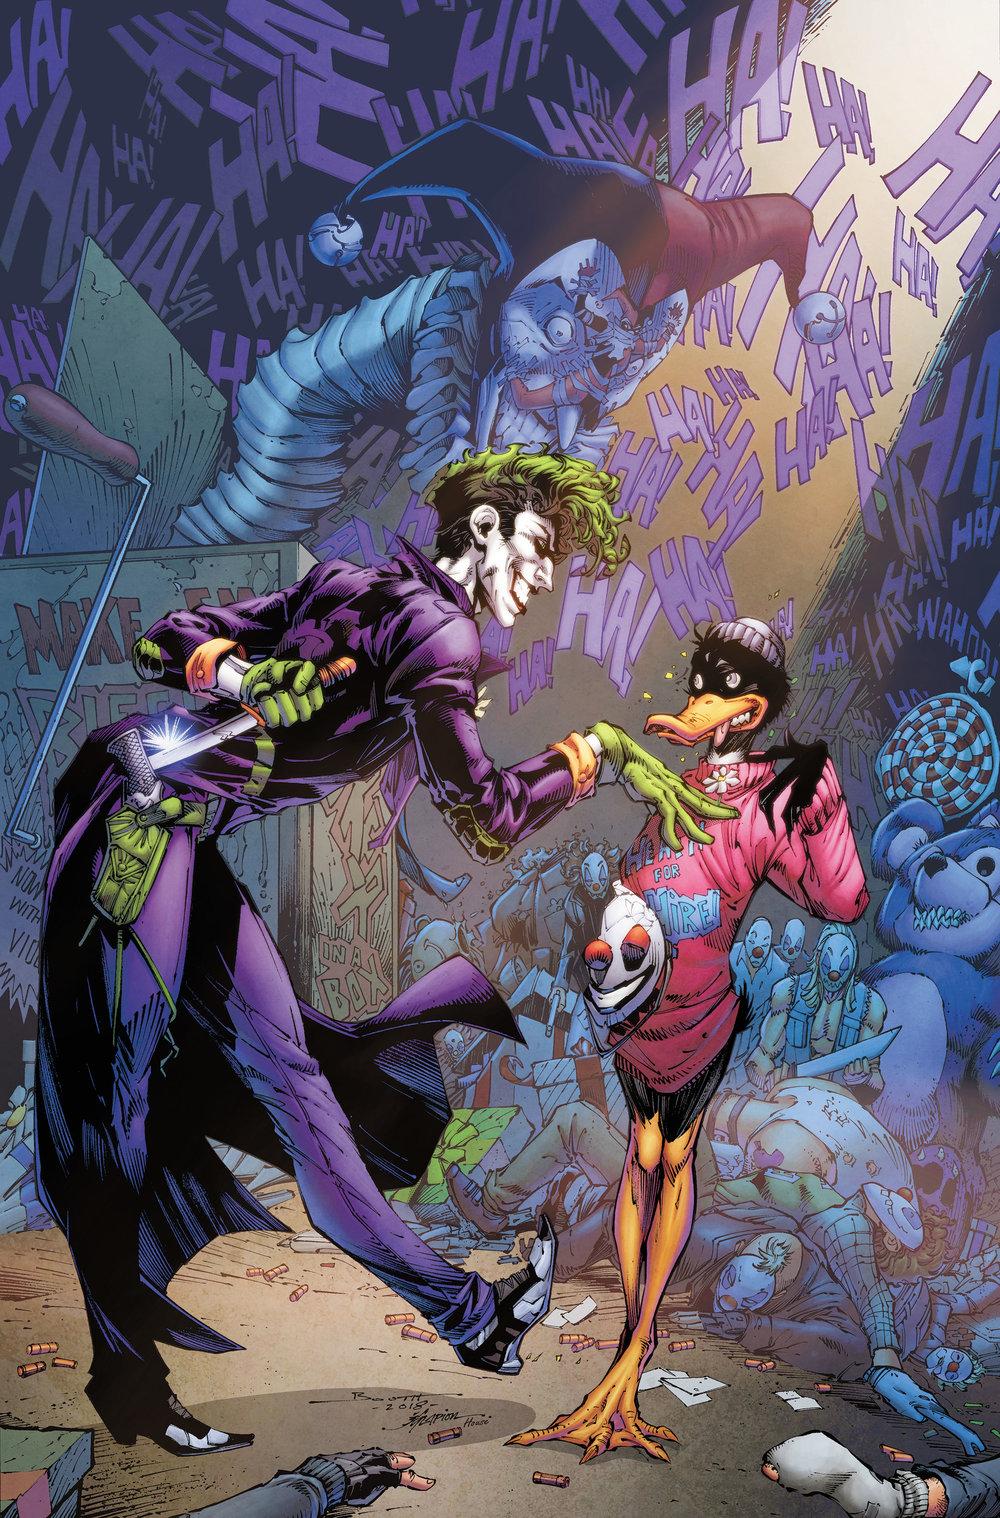 Joker_Daffy.jpg